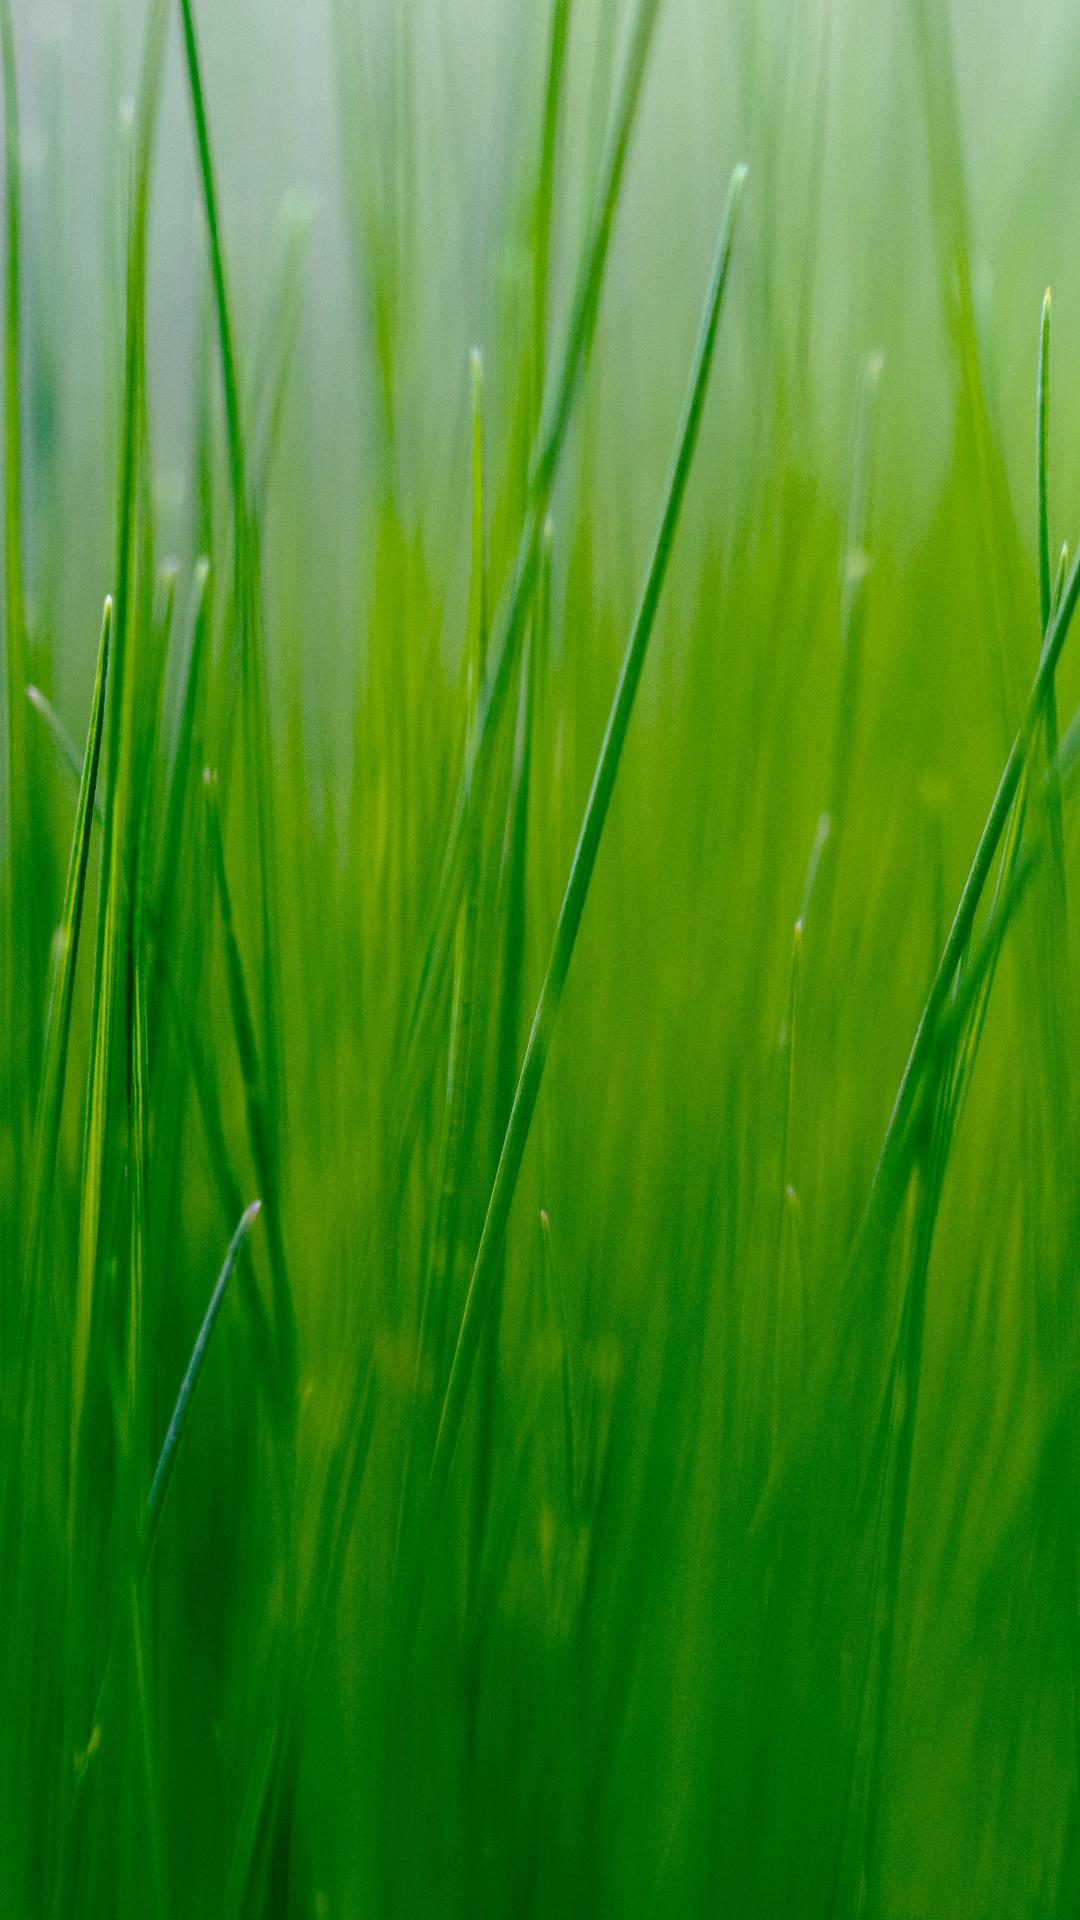 Blades Of Grass Iphone Wallpaper Idrop News